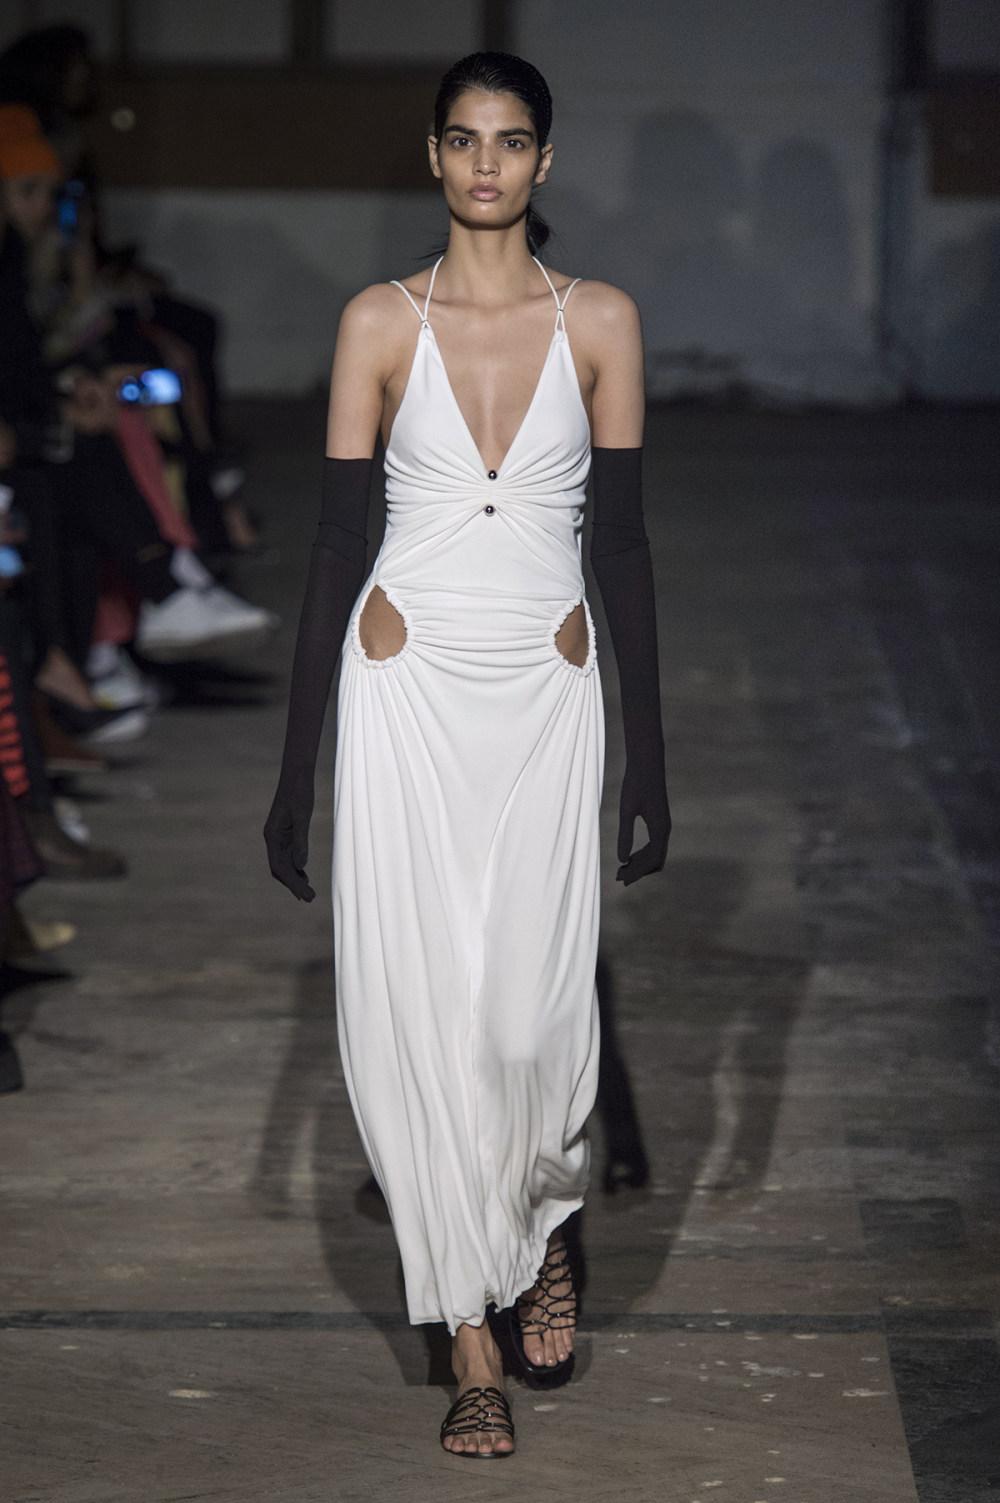 Dion Lee没有紧身衣的连衣裙被聚集或扭曲保持调色板的简约和奢华-29.jpg